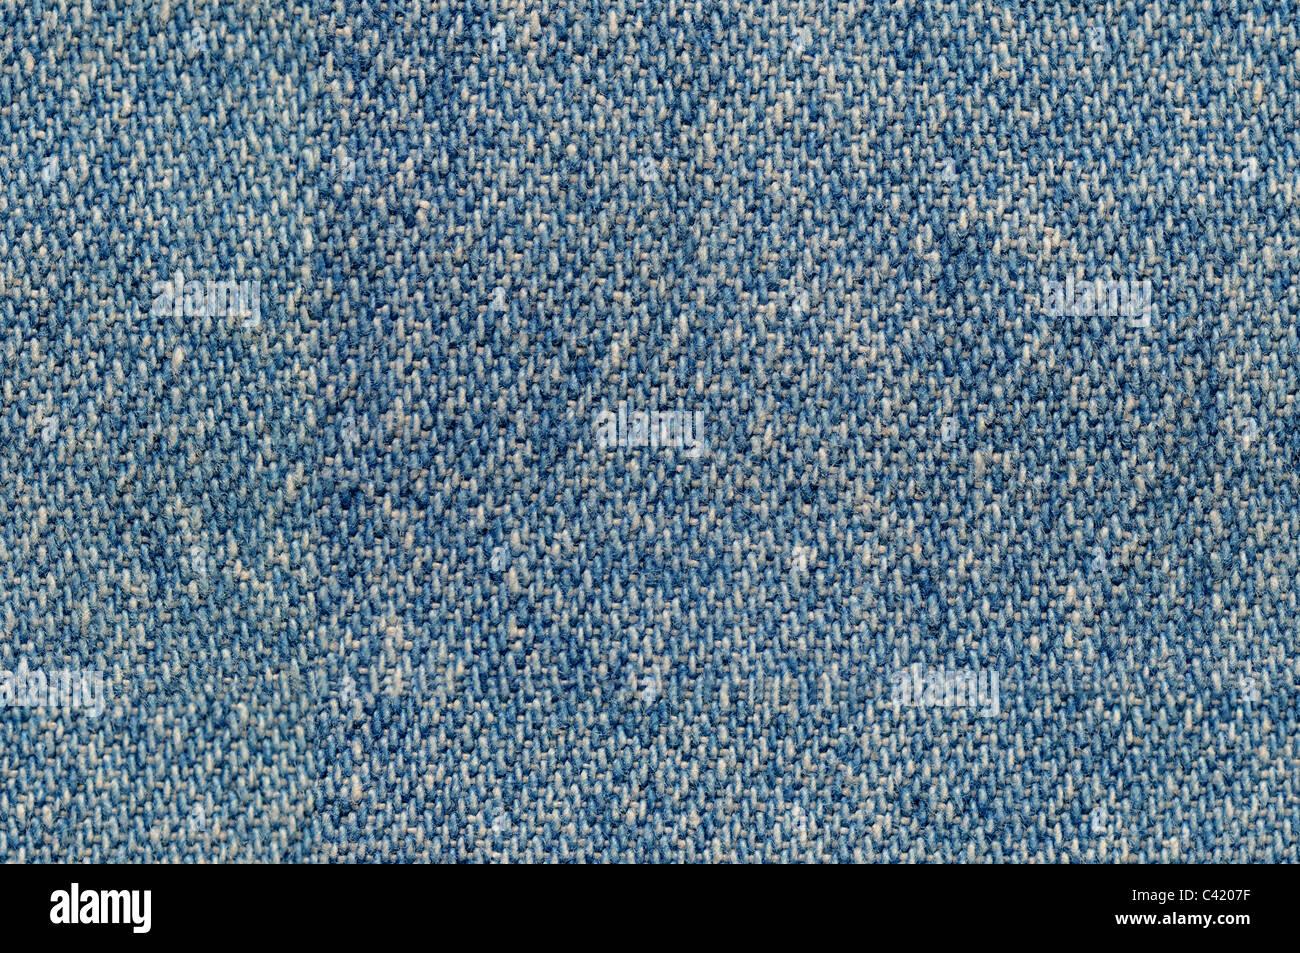 Blu Denim tessuto di sfondo piastrellabile senza problemi Immagini Stock